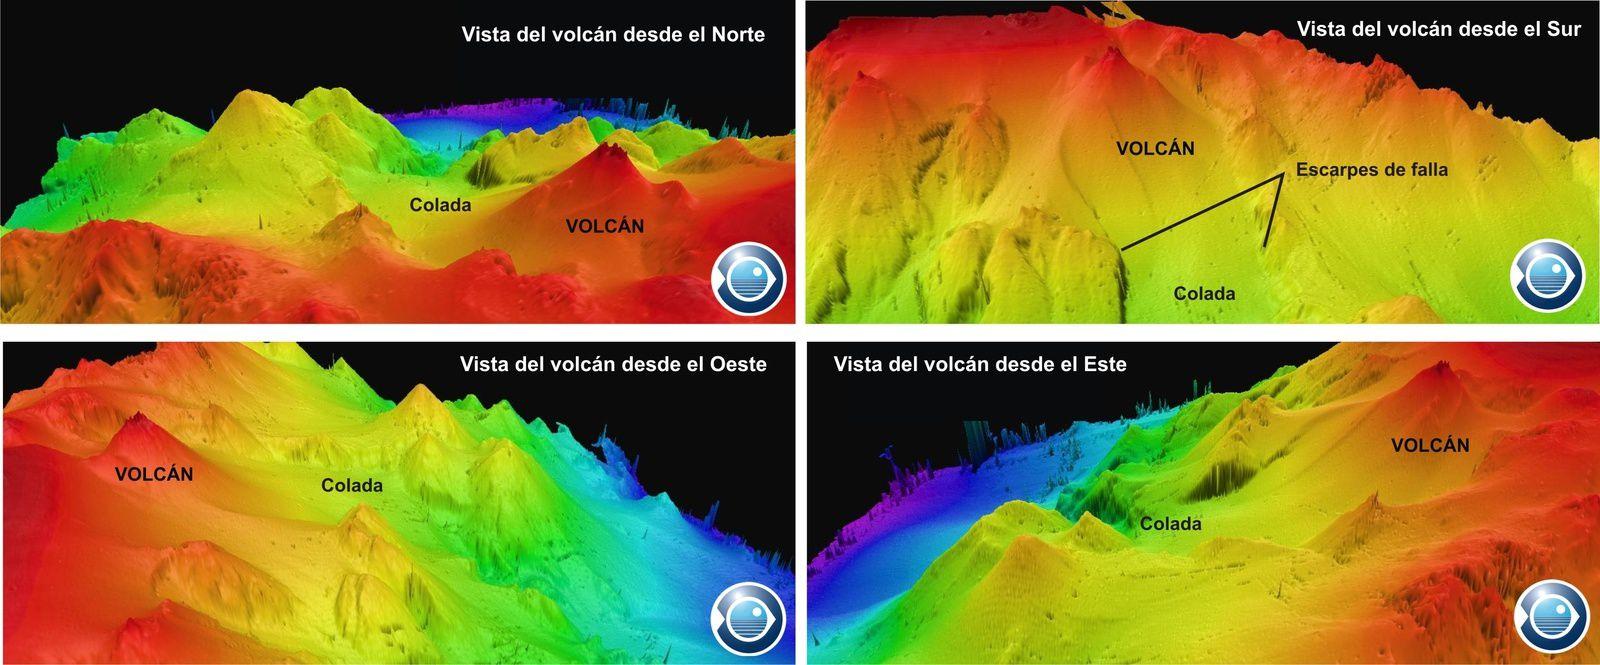 Bathymétries 3D du volcan sous-marin au sud de La Restingua / El Hierro - doc. 7-8.02.2012 / IEO